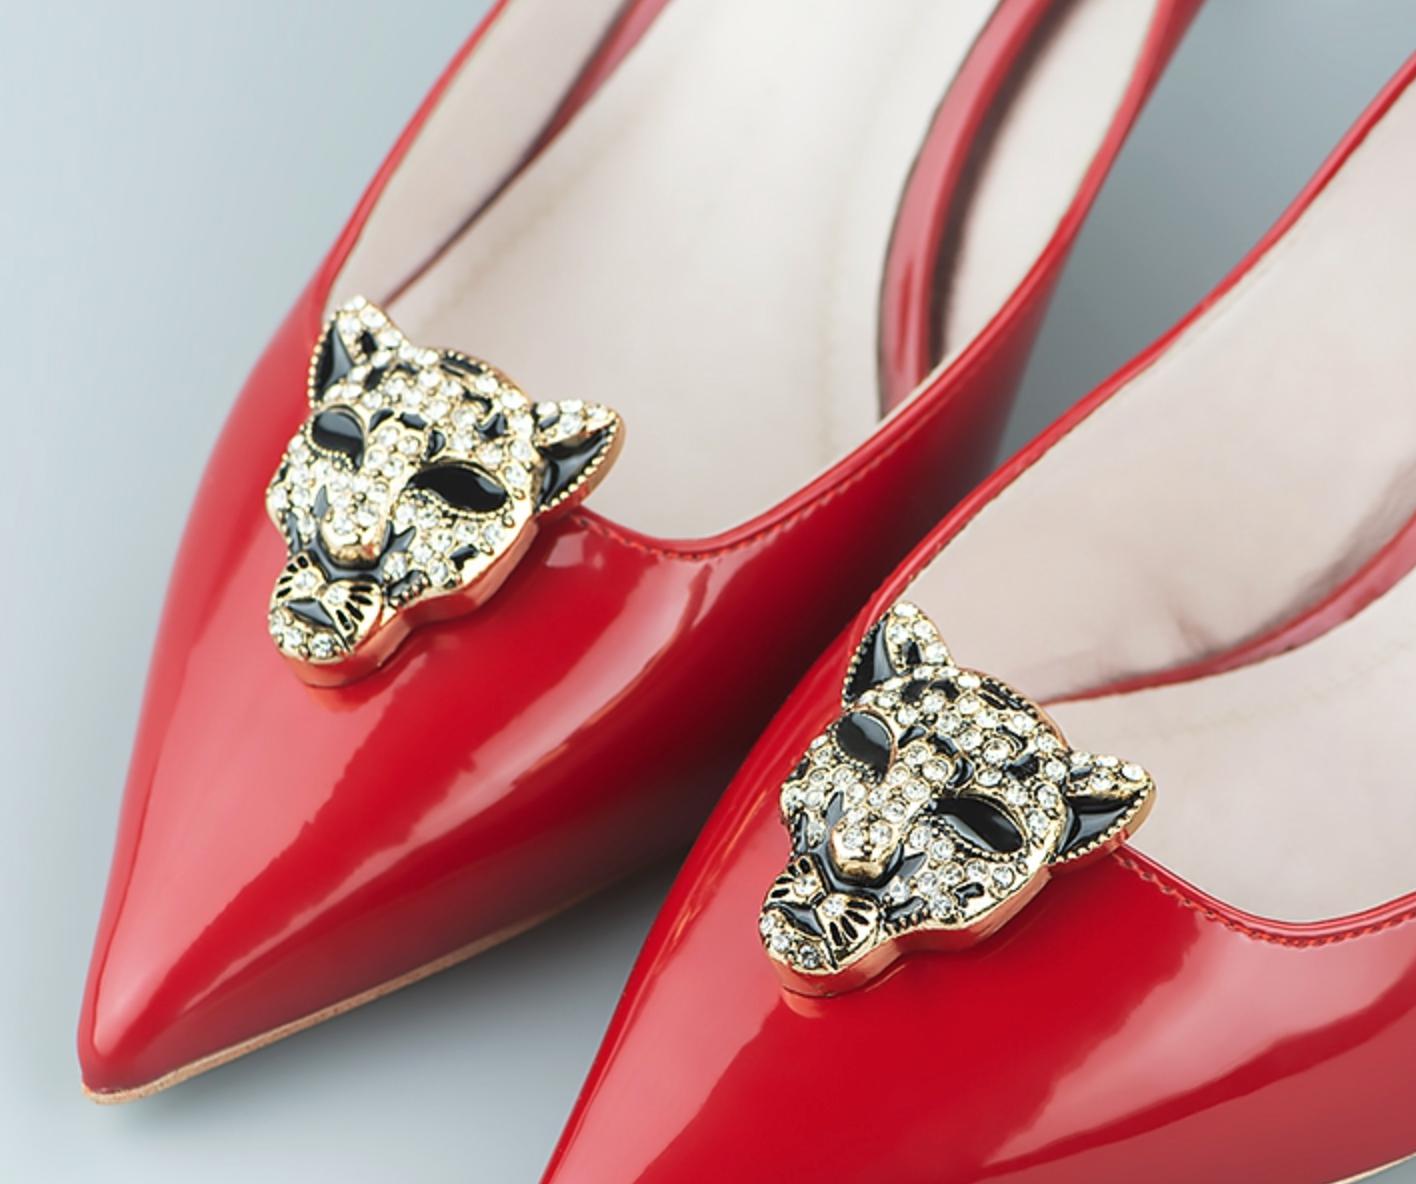 2 Pcs Vintage Style Metal Gold Leopard Buckle Wedding Shoe Clips Pair